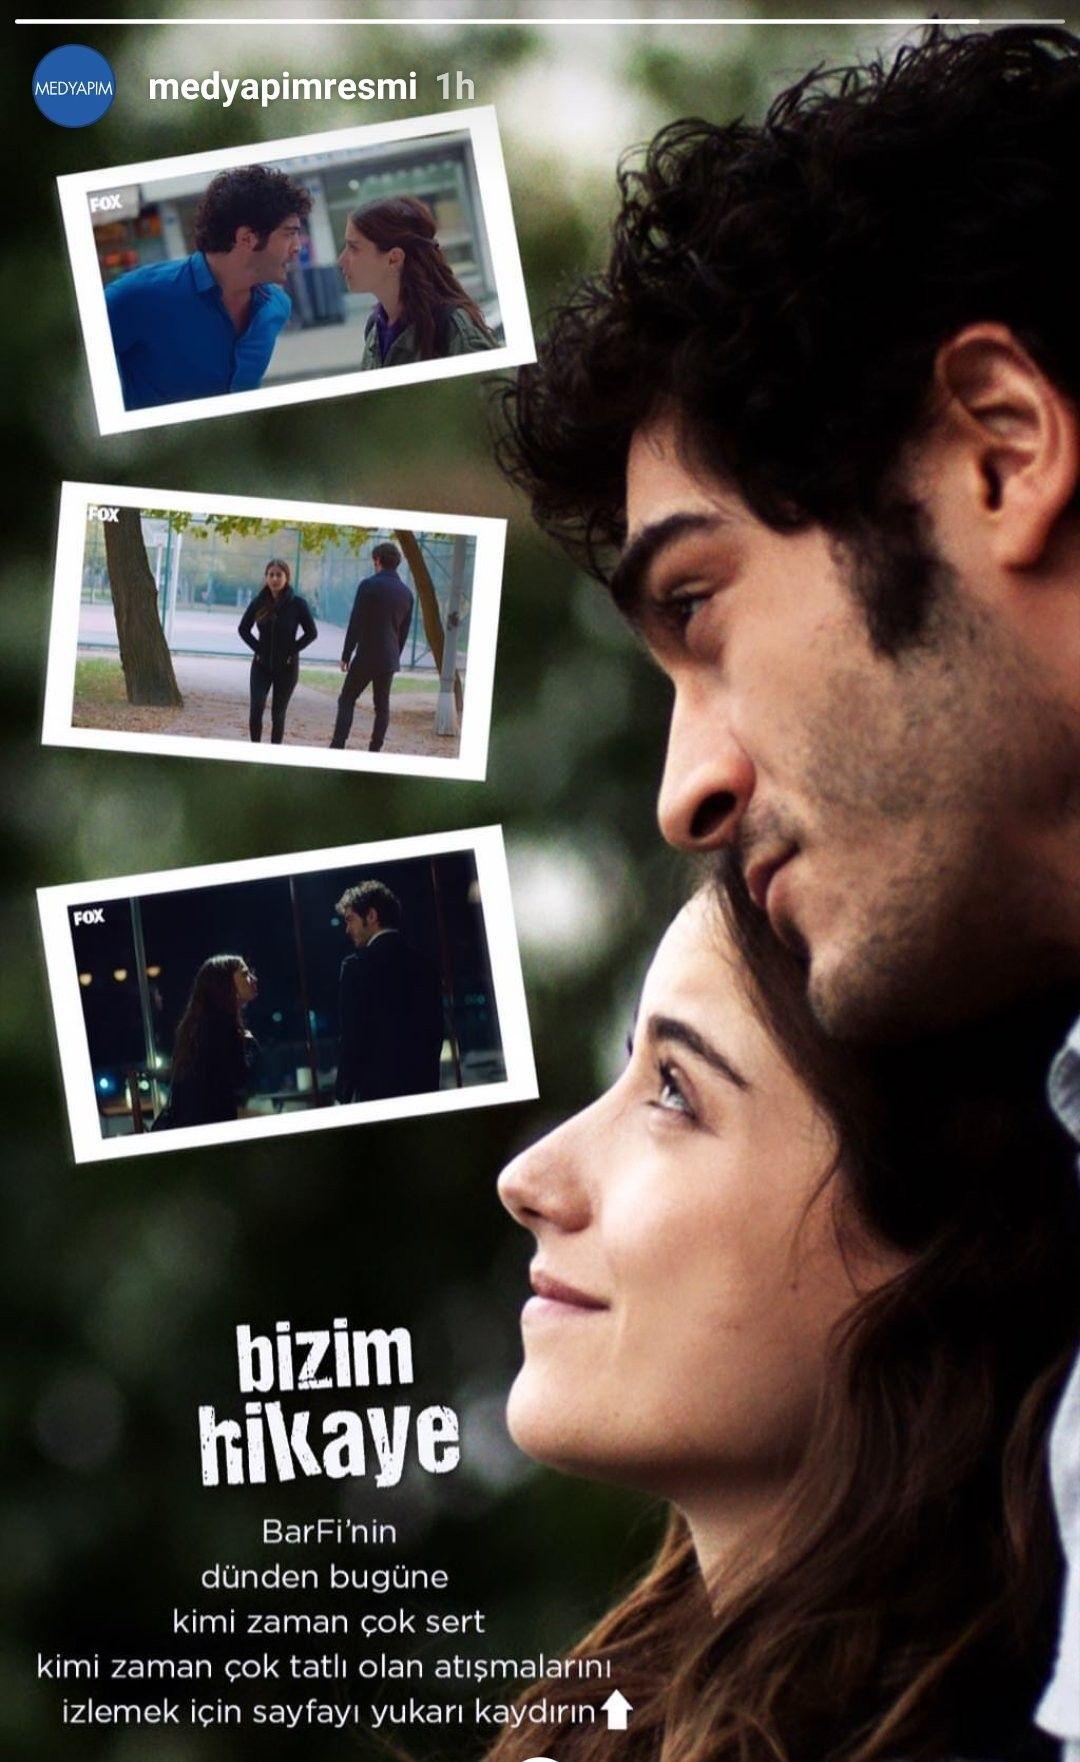 Pin By Seriesland On Bizim Hikaye Love Status Whatsapp Turkish Actors Love Status